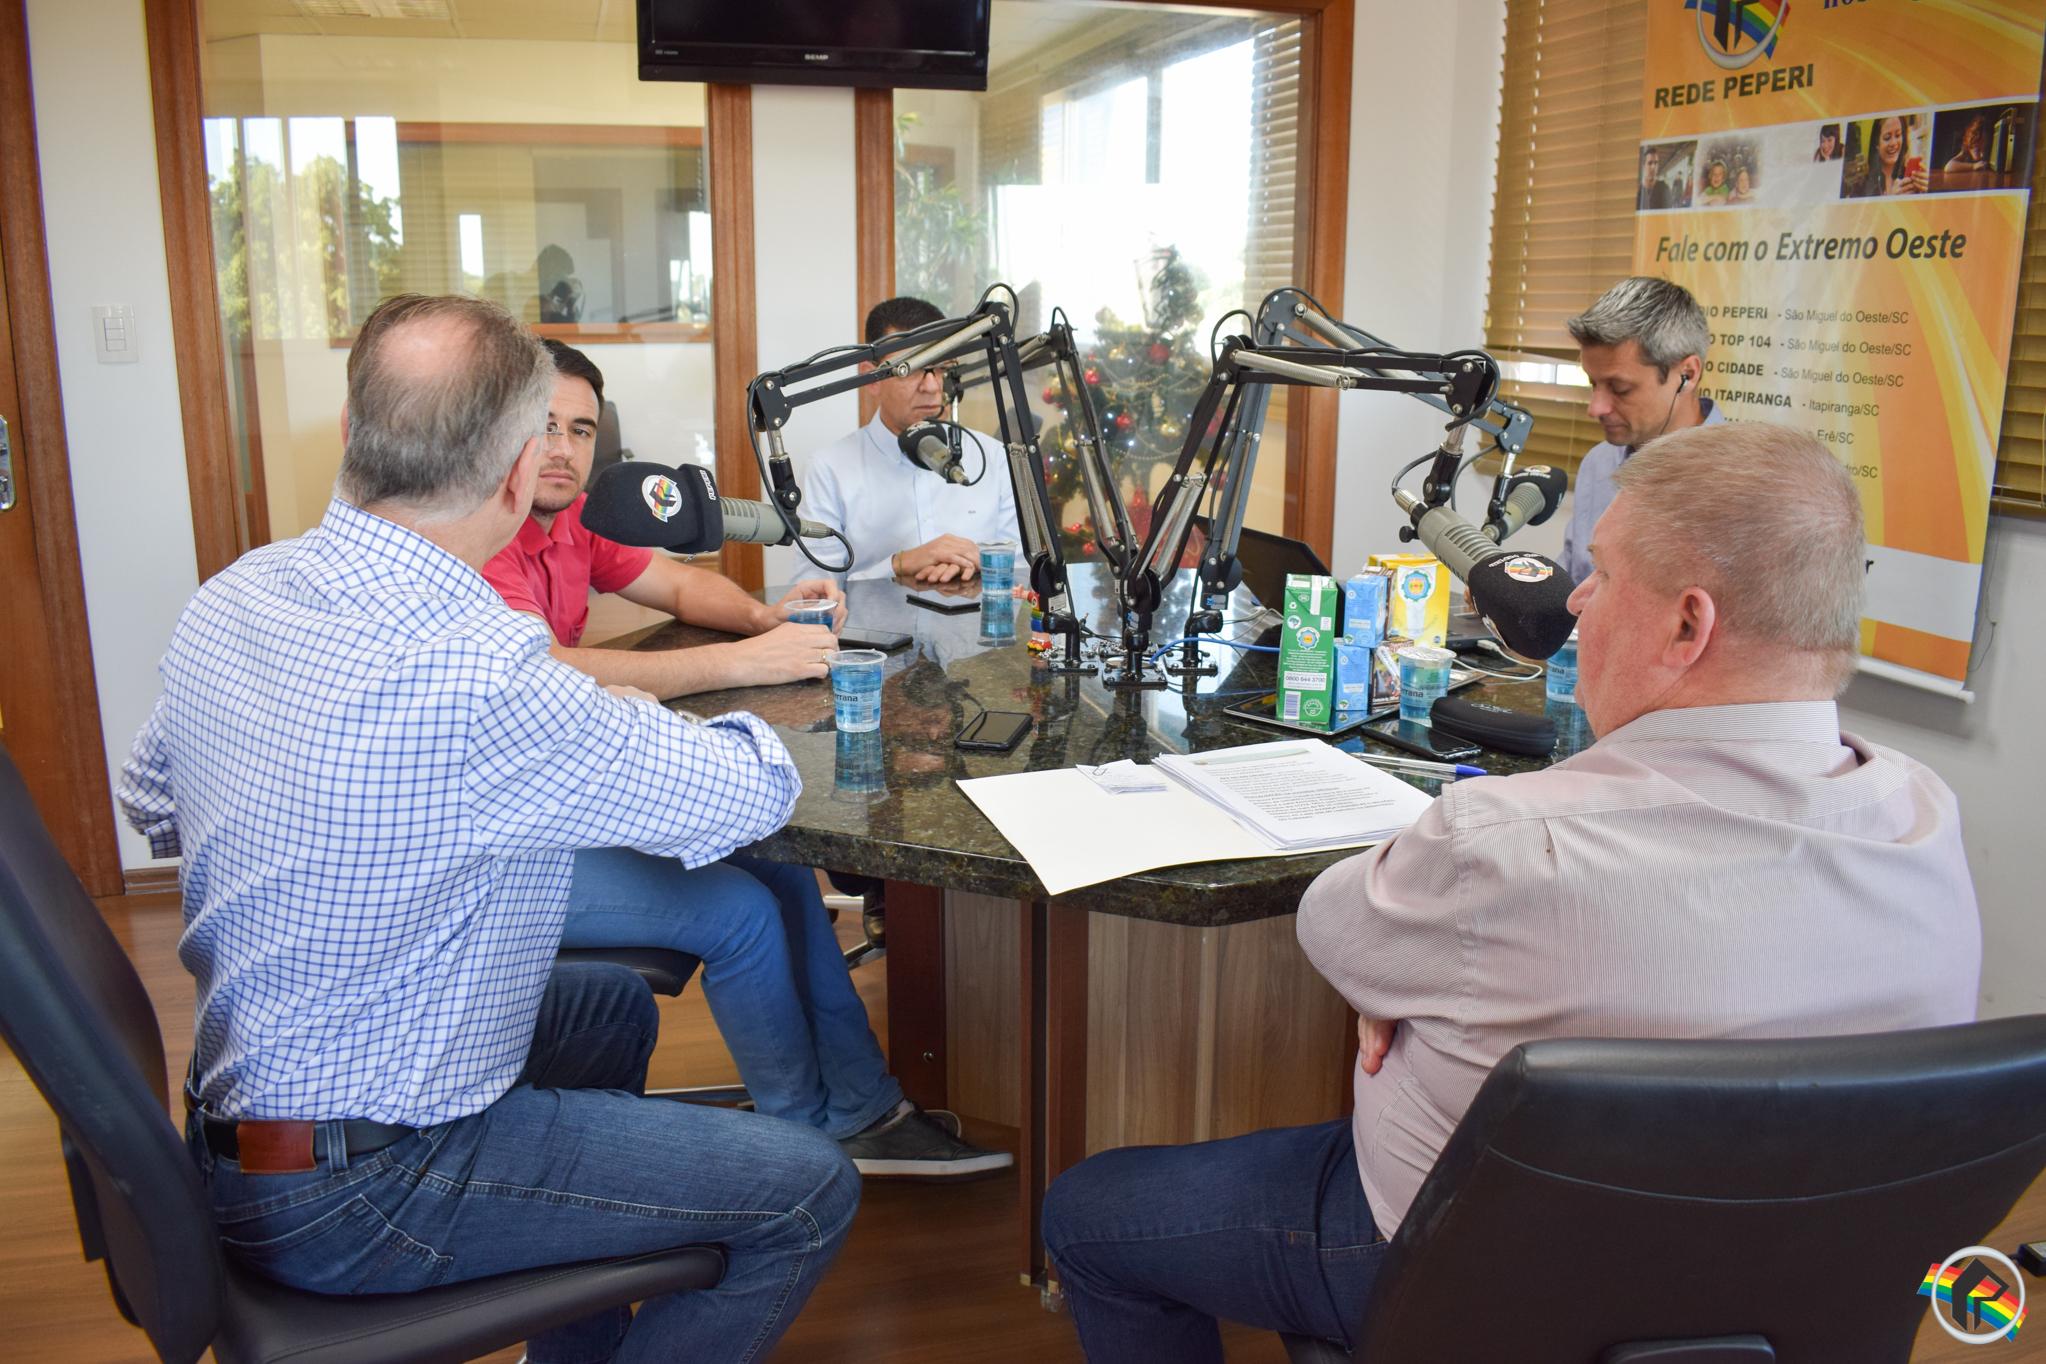 VÍDEO: Peperi Debates recebe prefeitos da região e avalia 2018